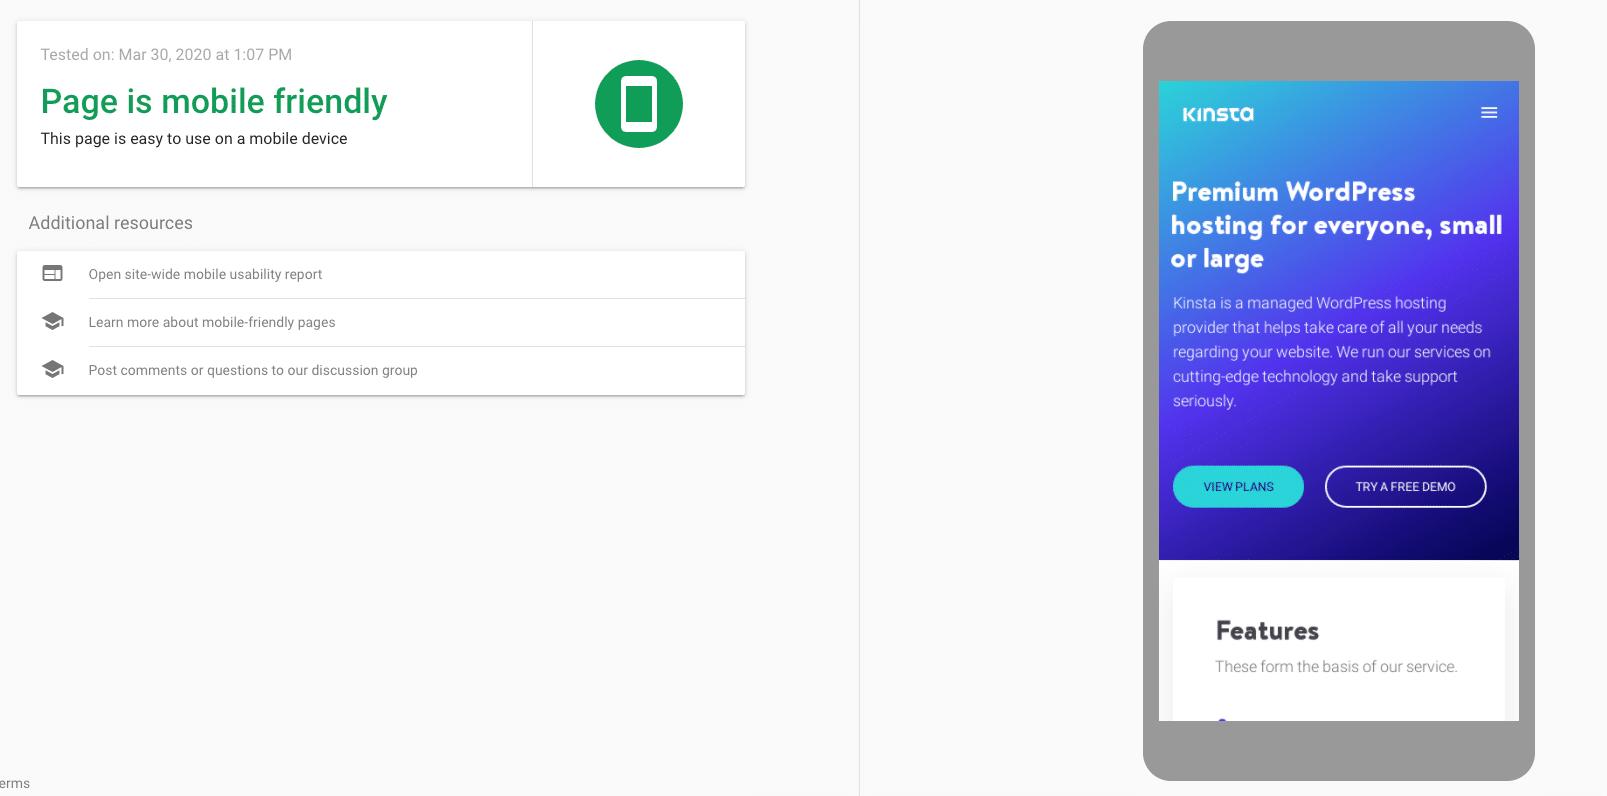 Il sito web di Kinsta nel test di ottimizzazione mobile di Google.